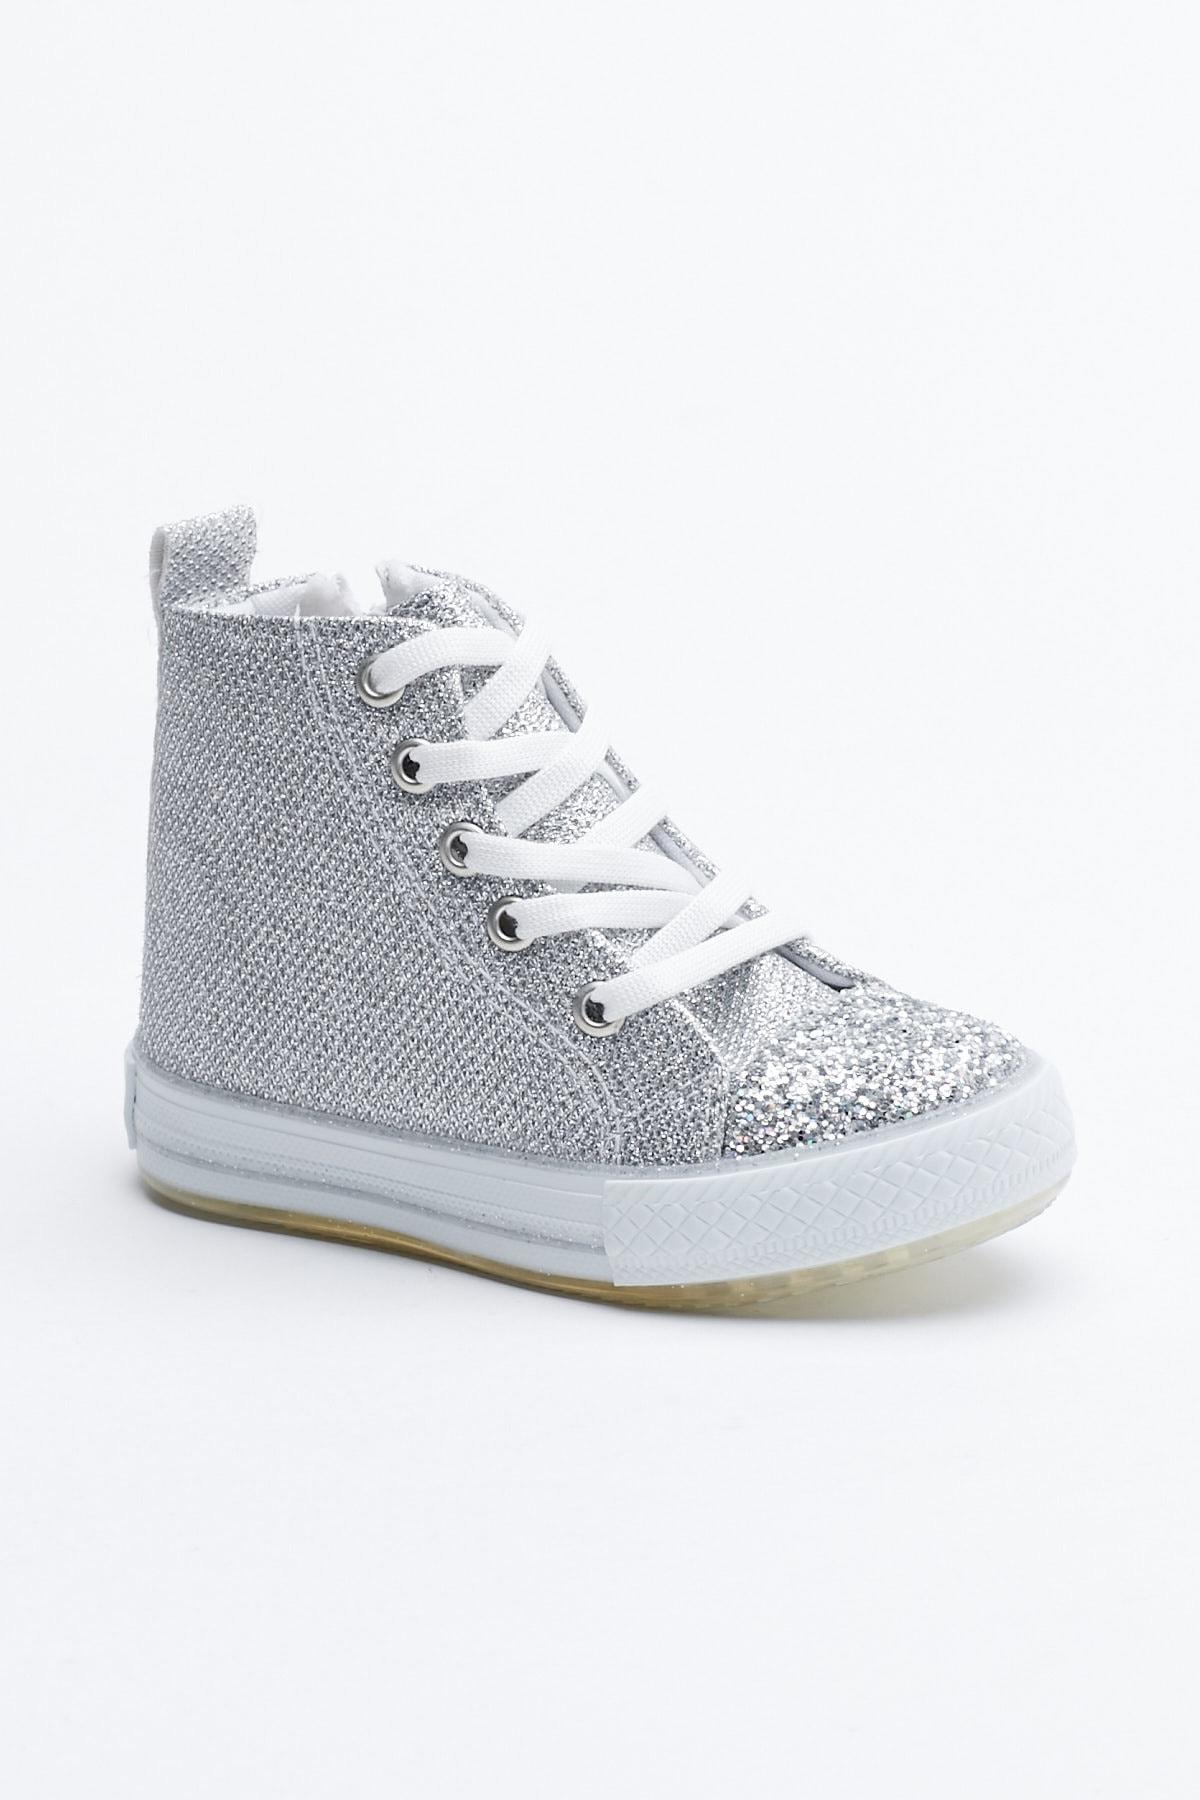 Tonny Black Gümüş Çocuk Spor Ayakkabı Uzun Tb999 0